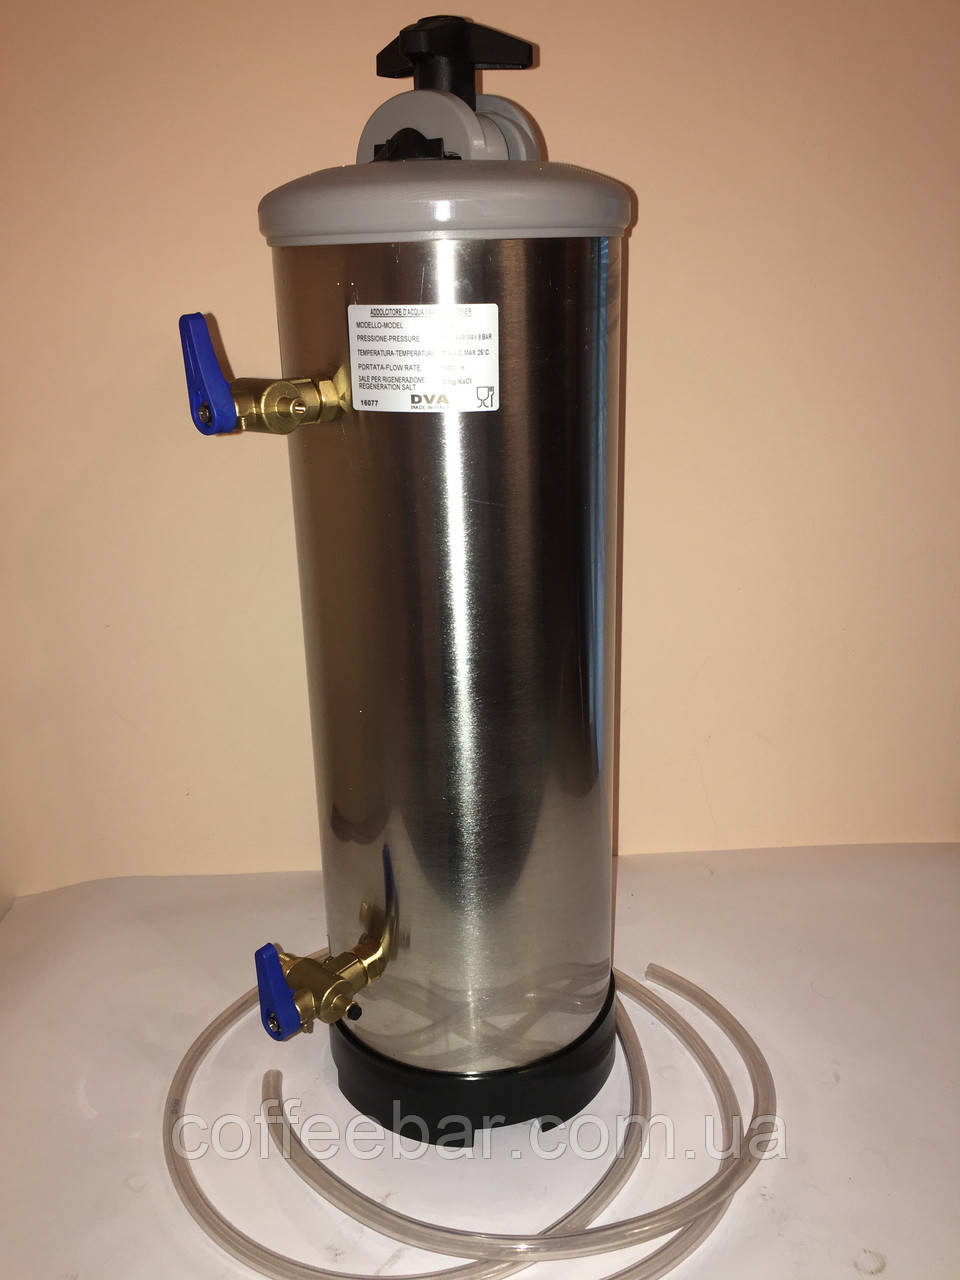 Софтнер (смягчители воды) LT16,LT12